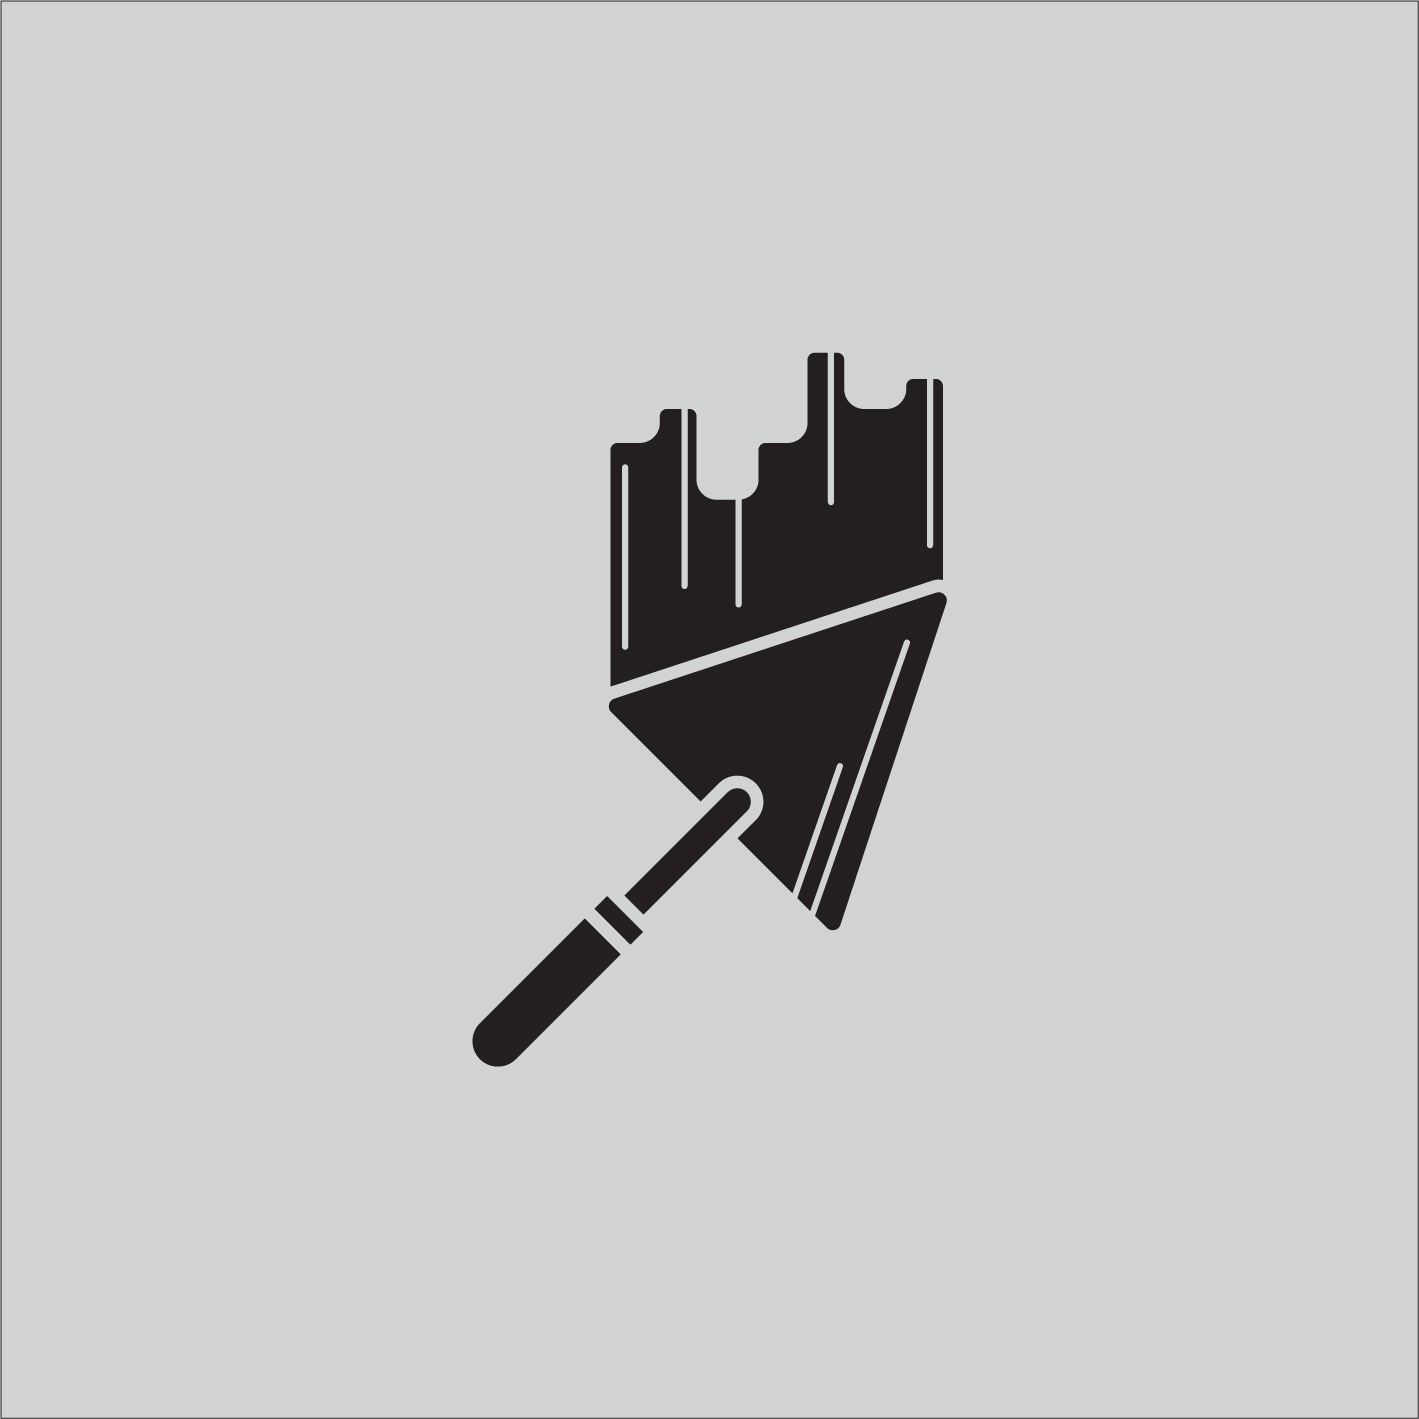 Bloco Estrutural de Cimento - Concreto São Paulo